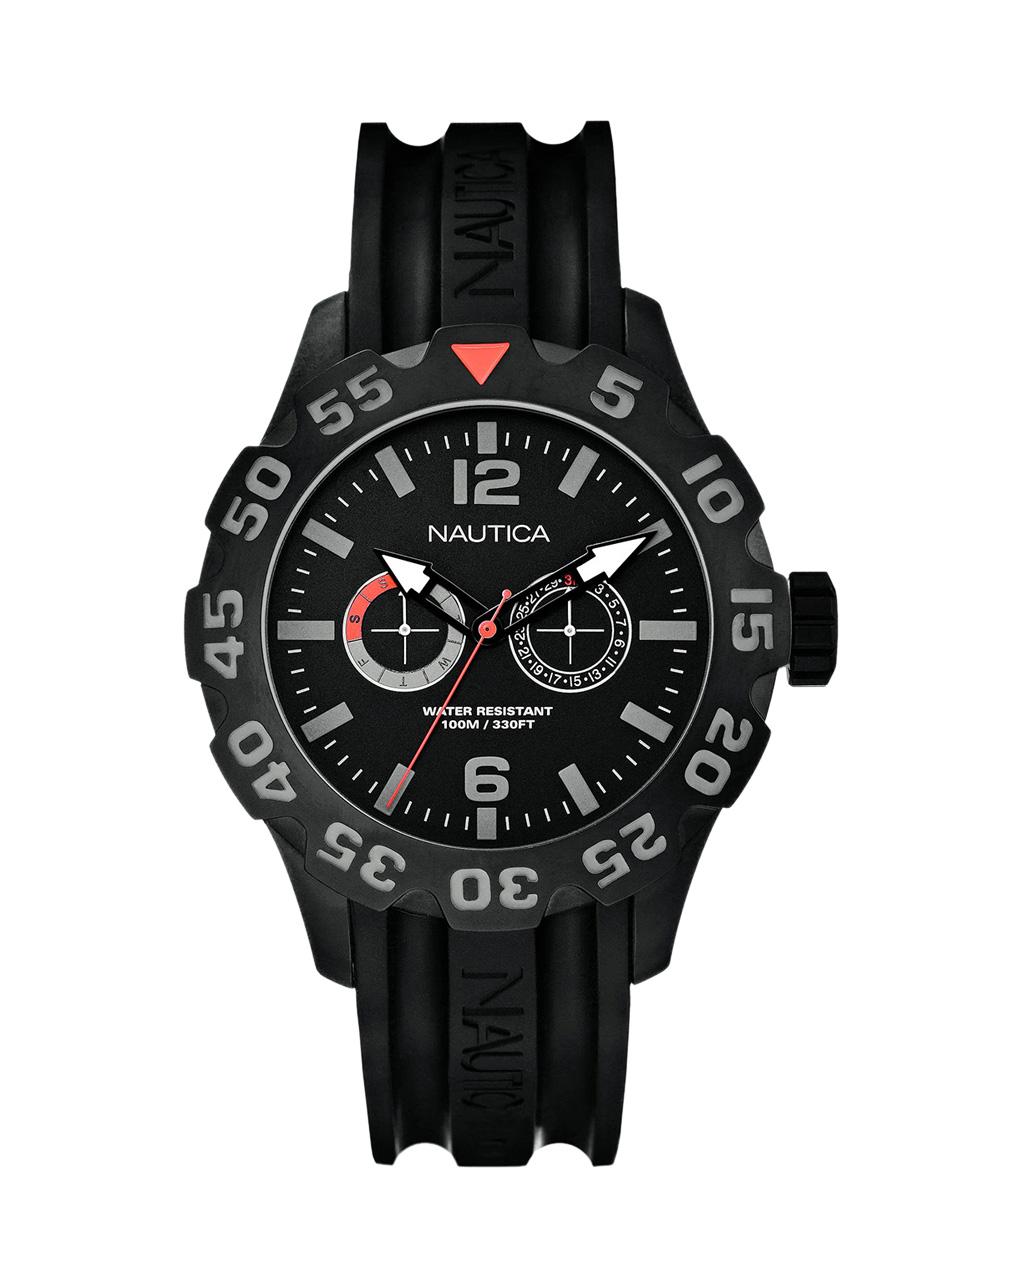 Ρολόι NAUTICA BFD 100 A17617G   brands nautica